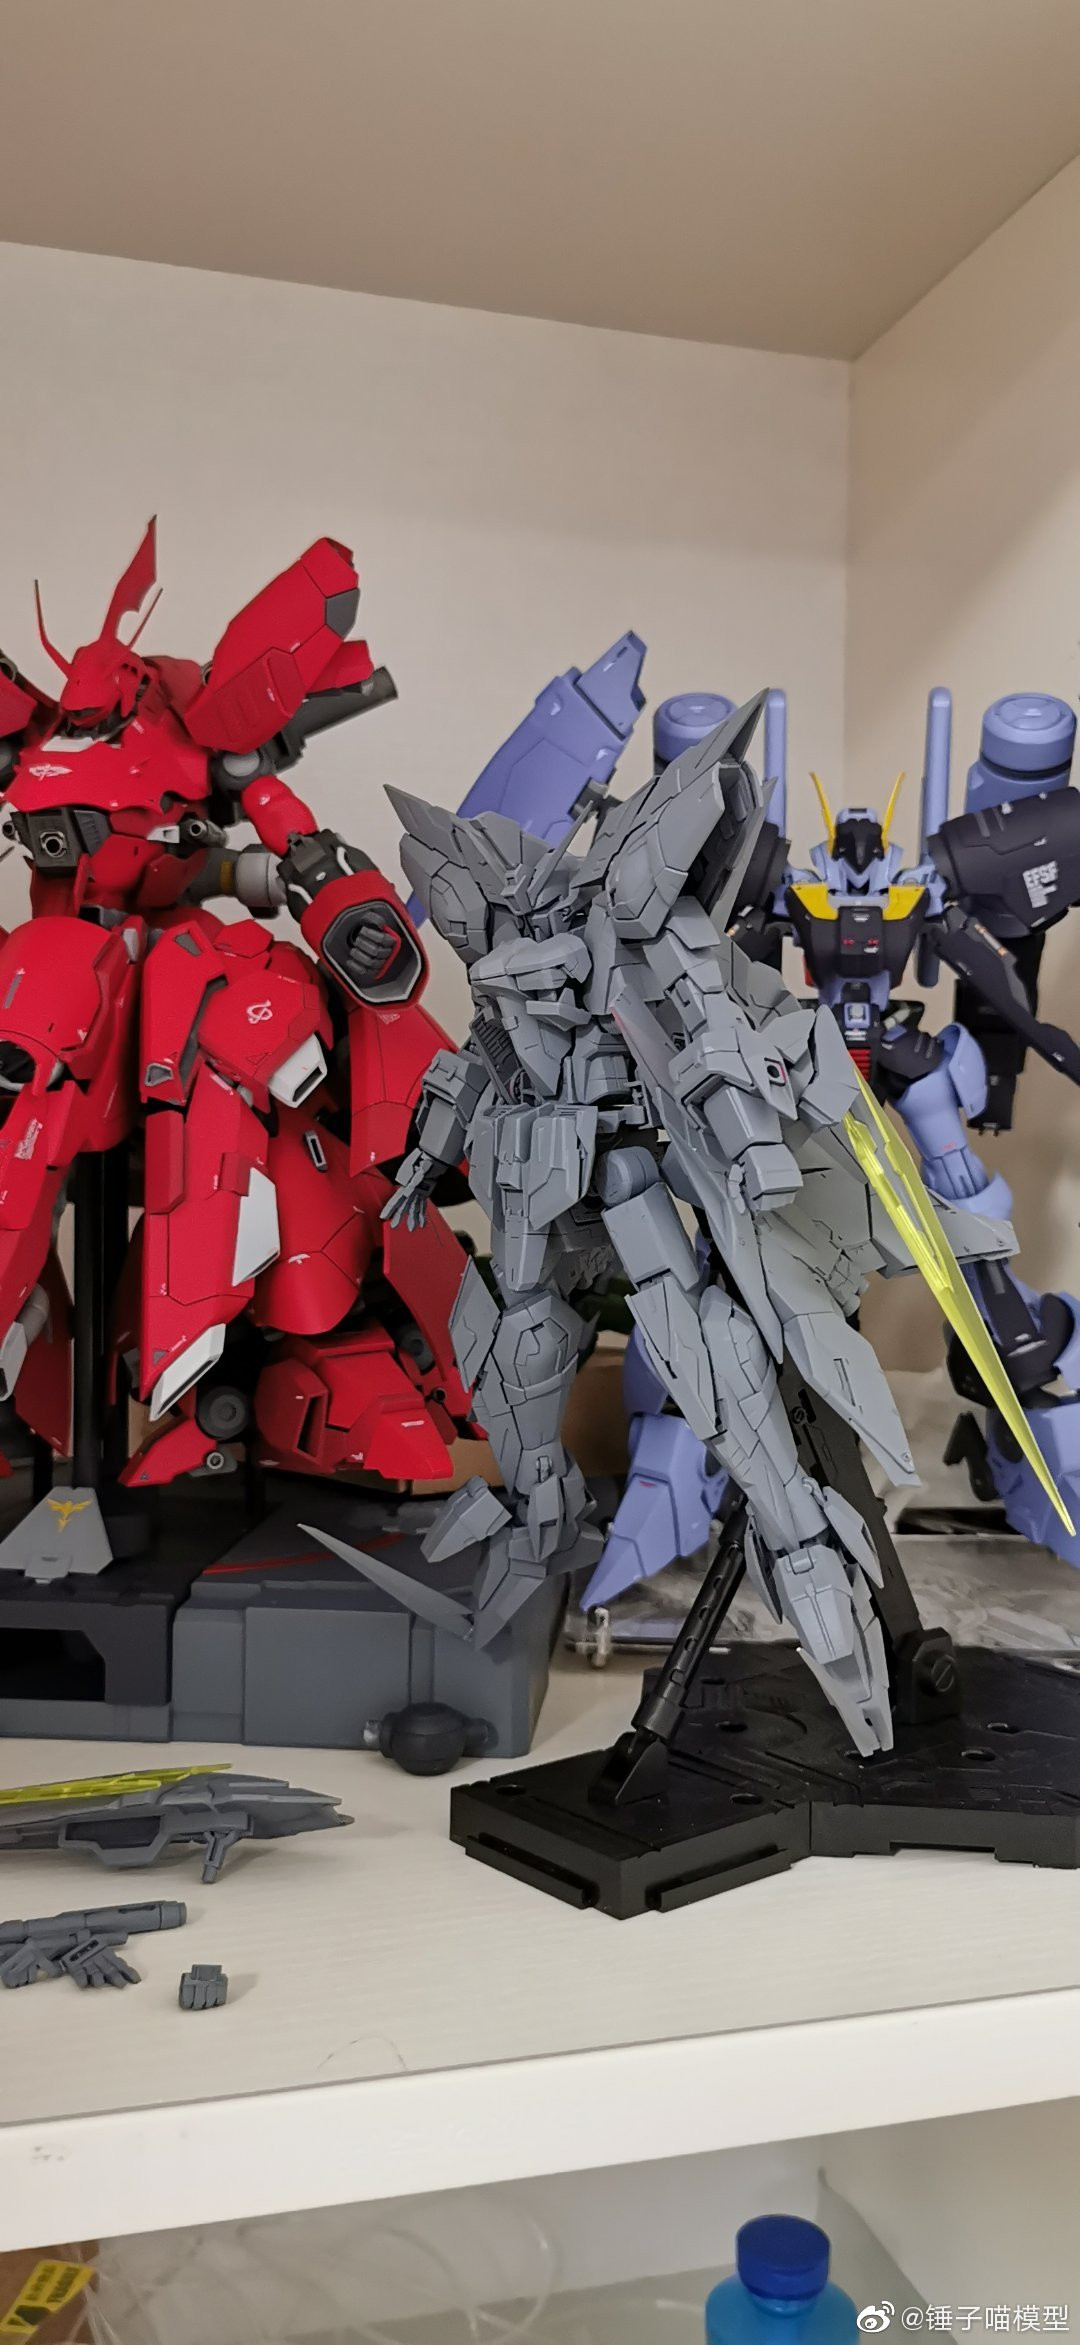 G579_GAT_X303_Aegis_Gundam_022.jpg